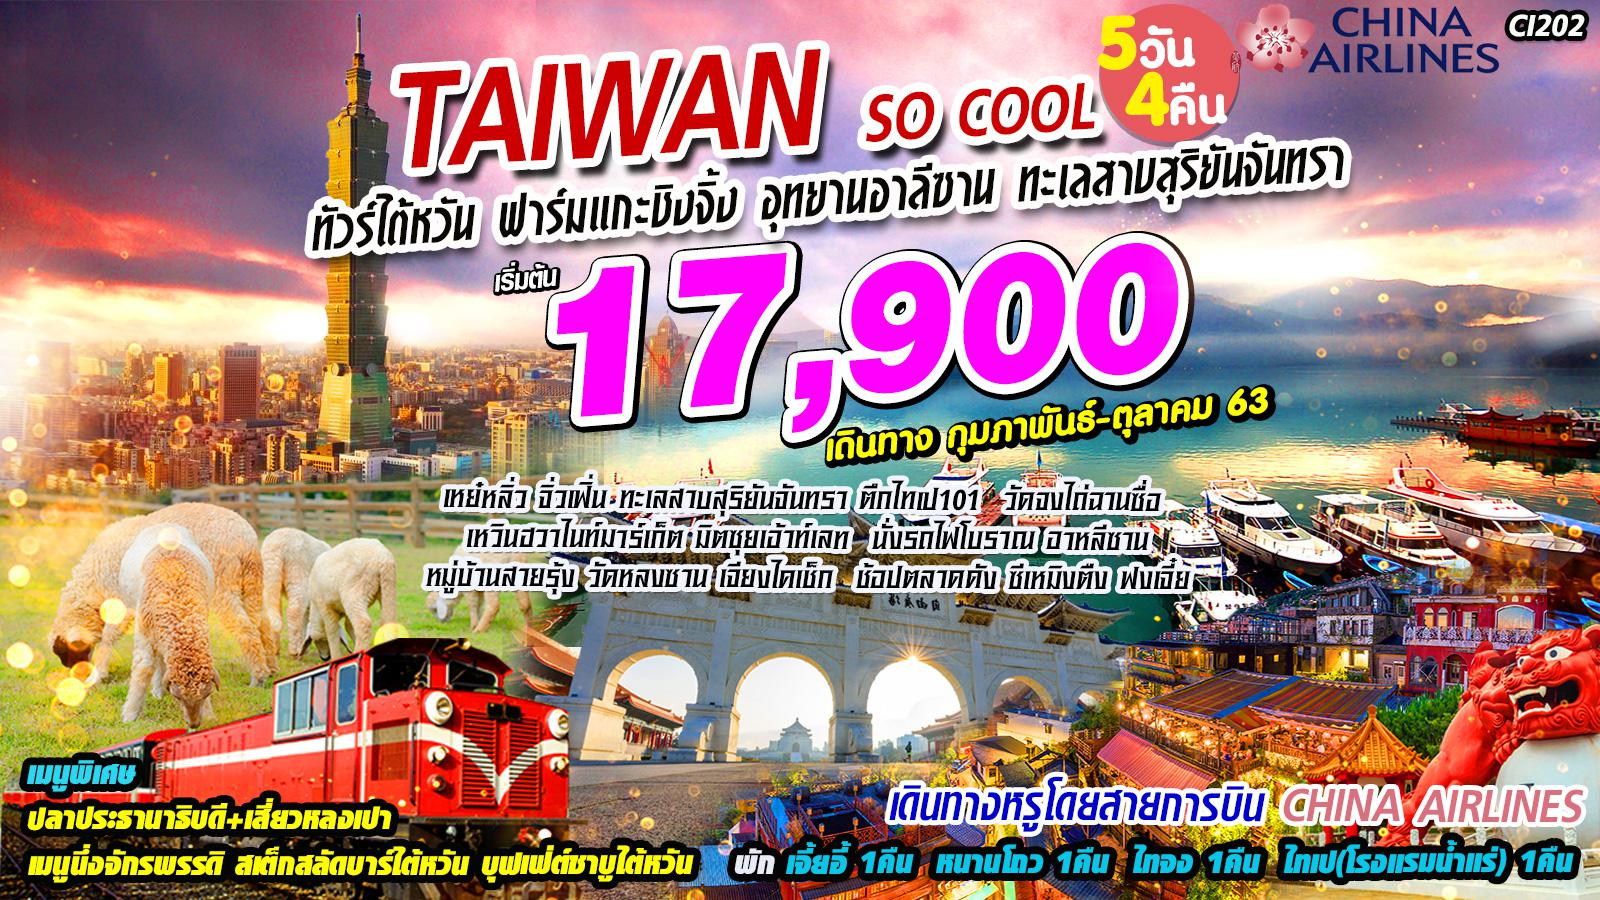 TAIWAN : TAIWAN SO COOL